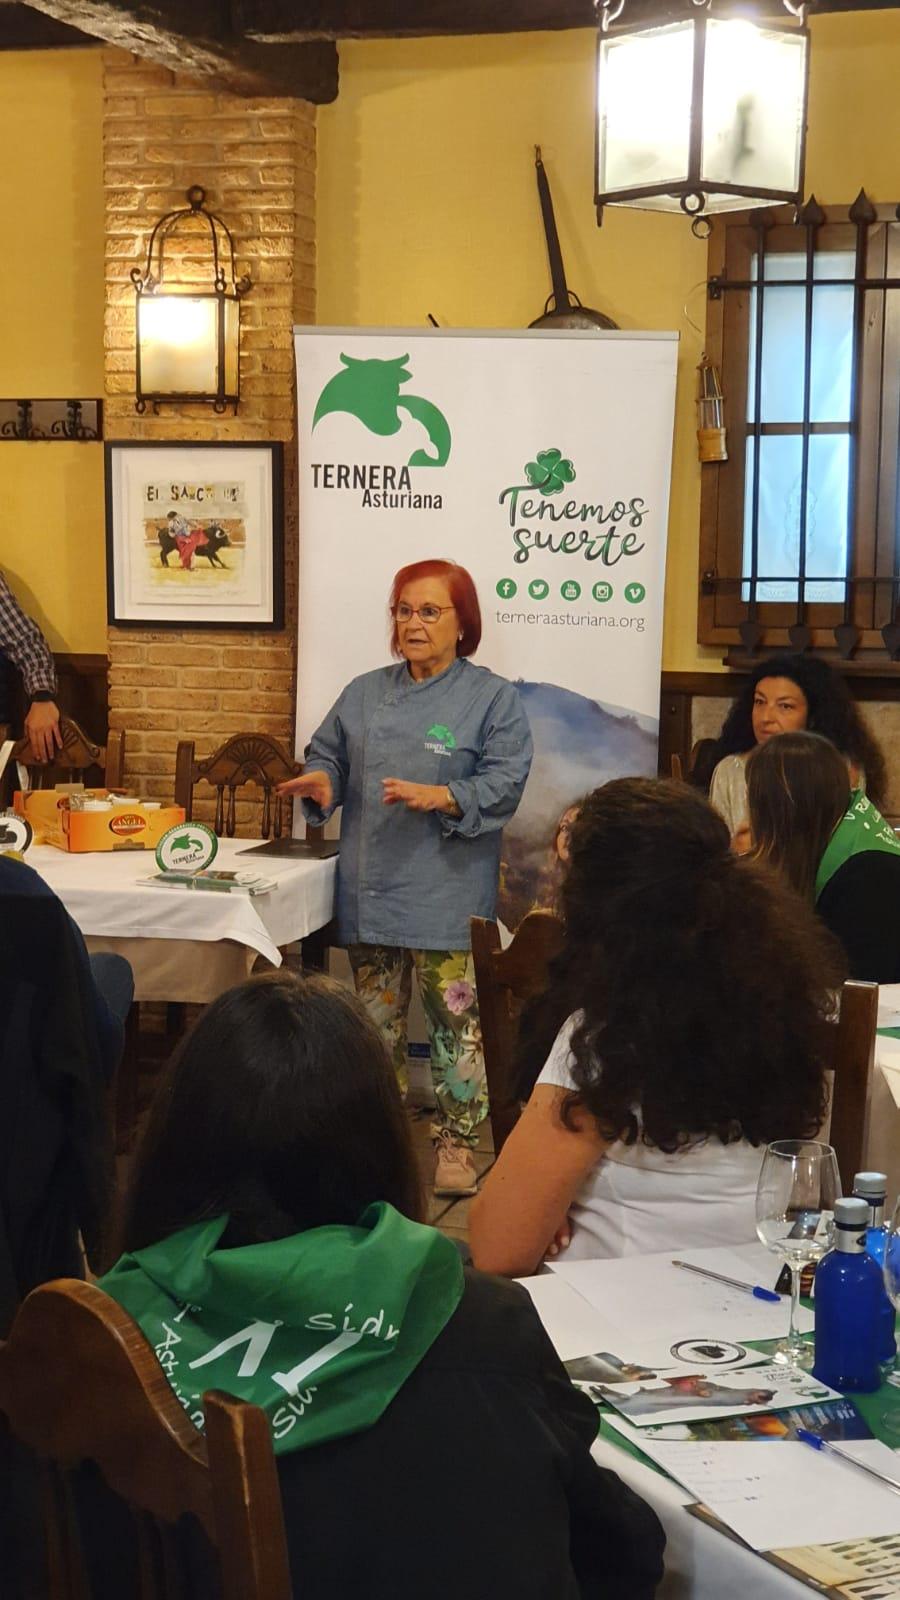 Masterclass para hosteleros en Gijón de Sidra, con Ternera Asturiana.